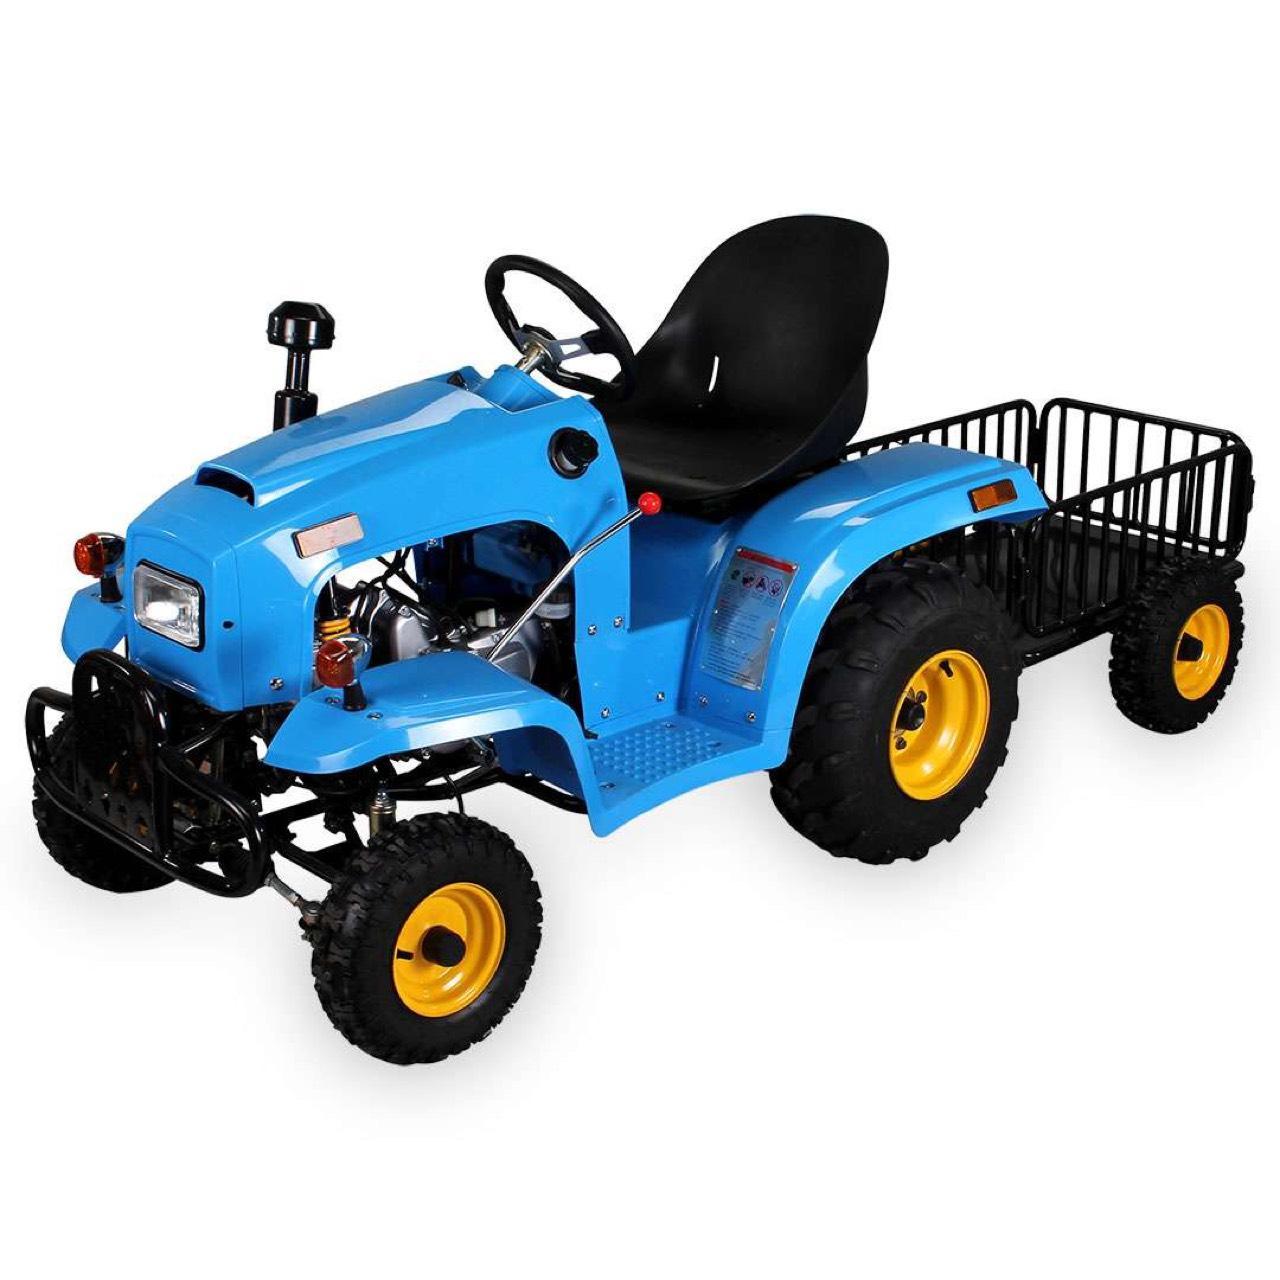 traktor f r kinder 110 cc mit anh nger. Black Bedroom Furniture Sets. Home Design Ideas